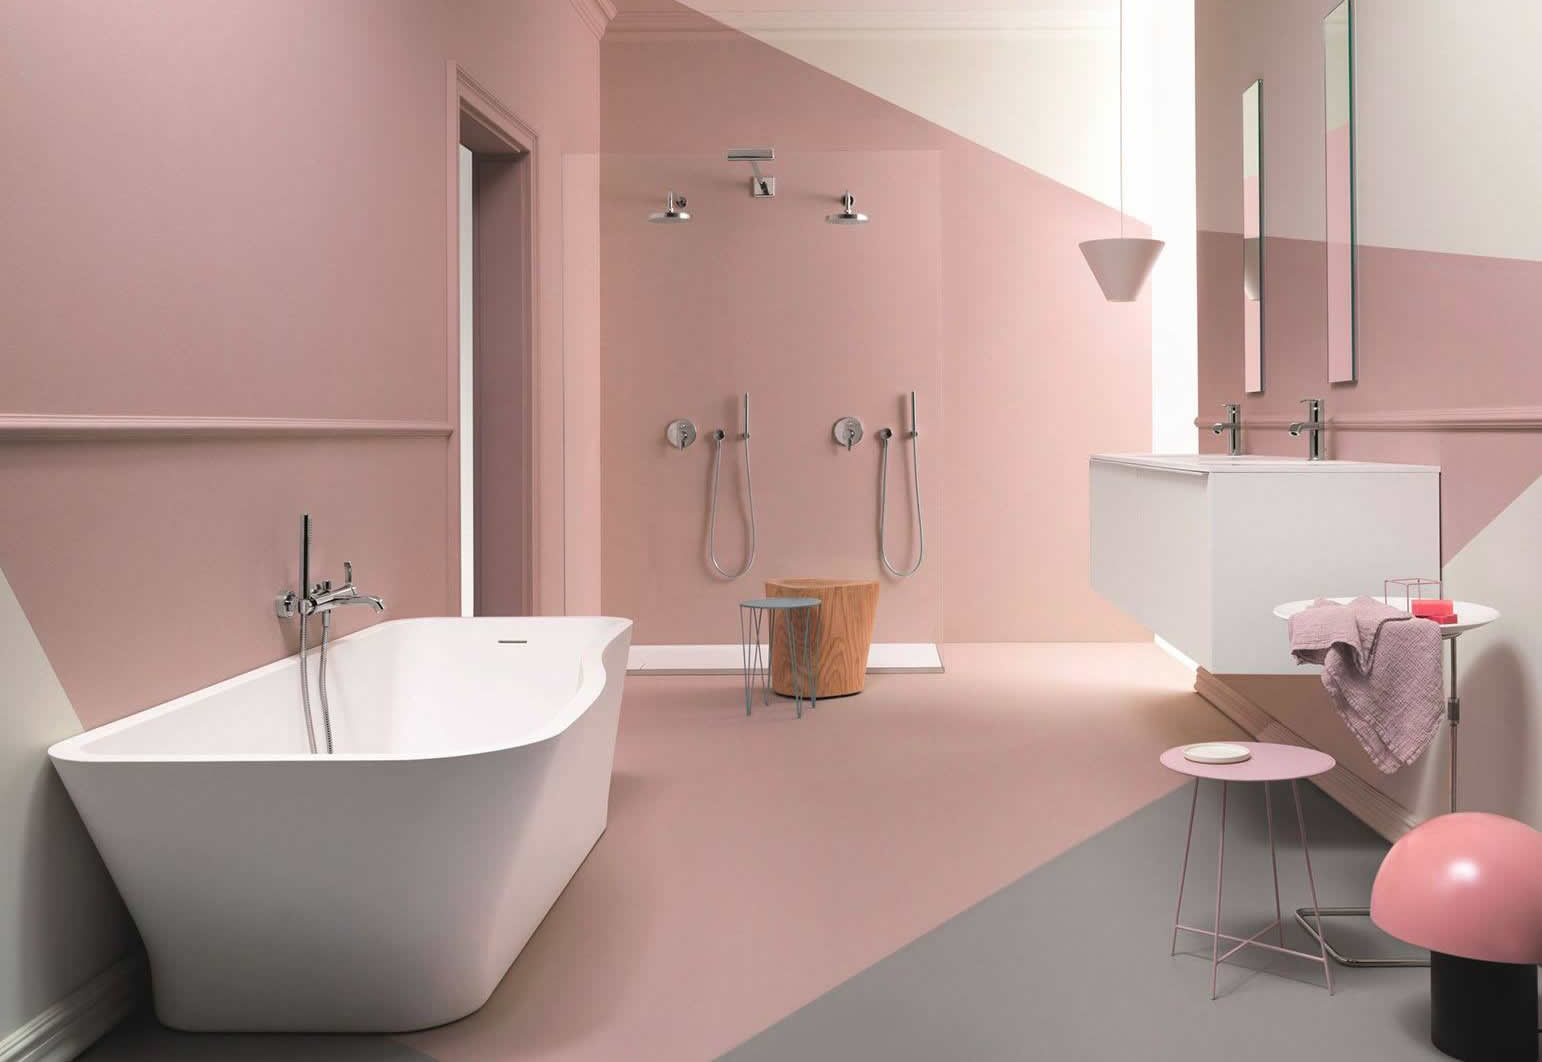 Rubinetteria Vasca Da Bagno Zucchetti : Zucchetti kos il design made in italy per il bagno